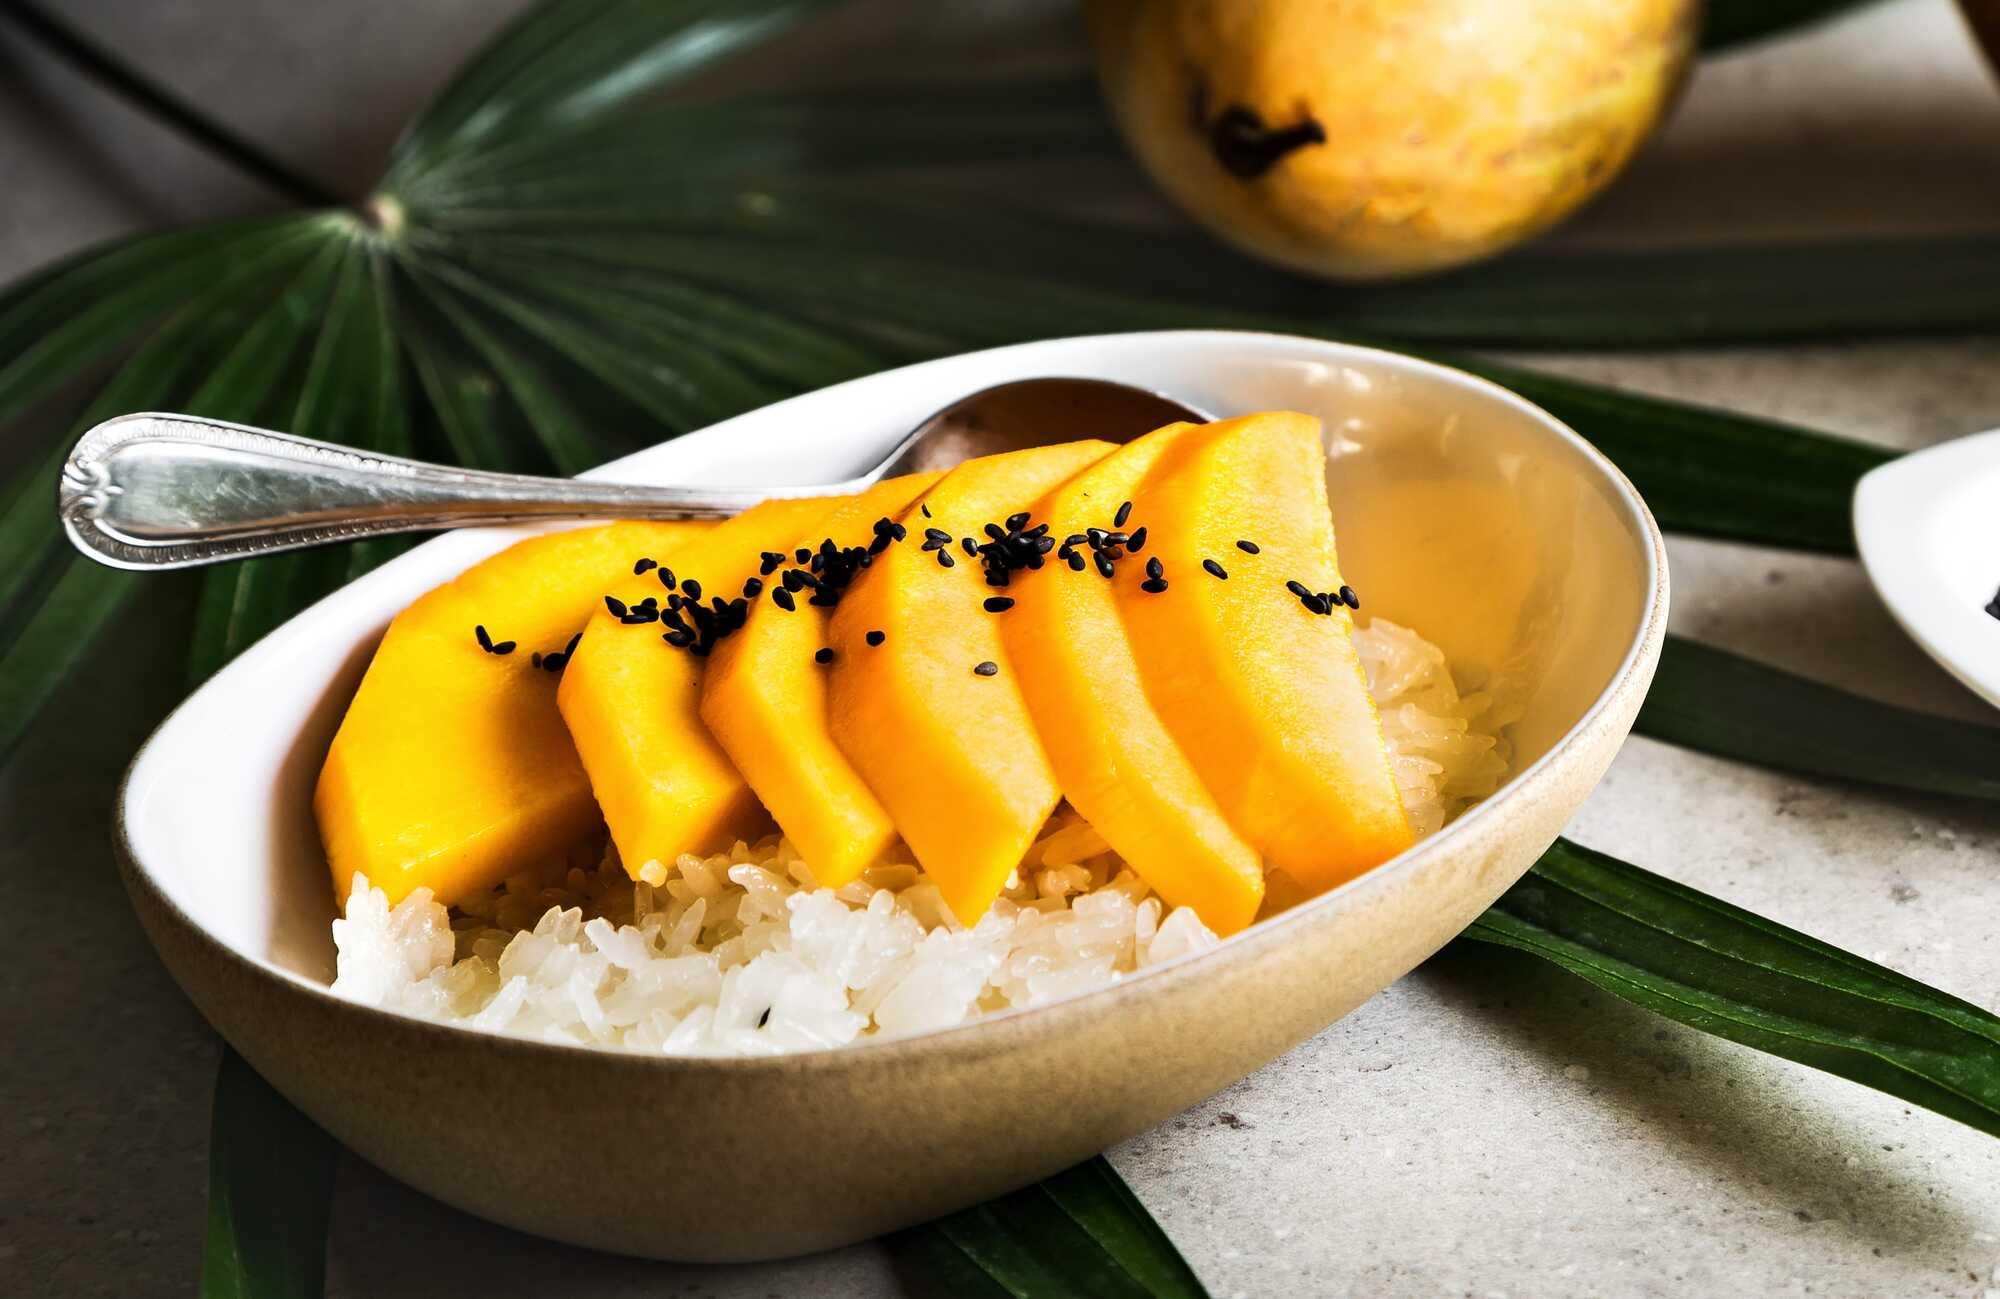 La recette est présentée dans un plat creux et ovale de couleur blanc. Les perles de konjak sont recouvertes par de belles tranches de mangue.